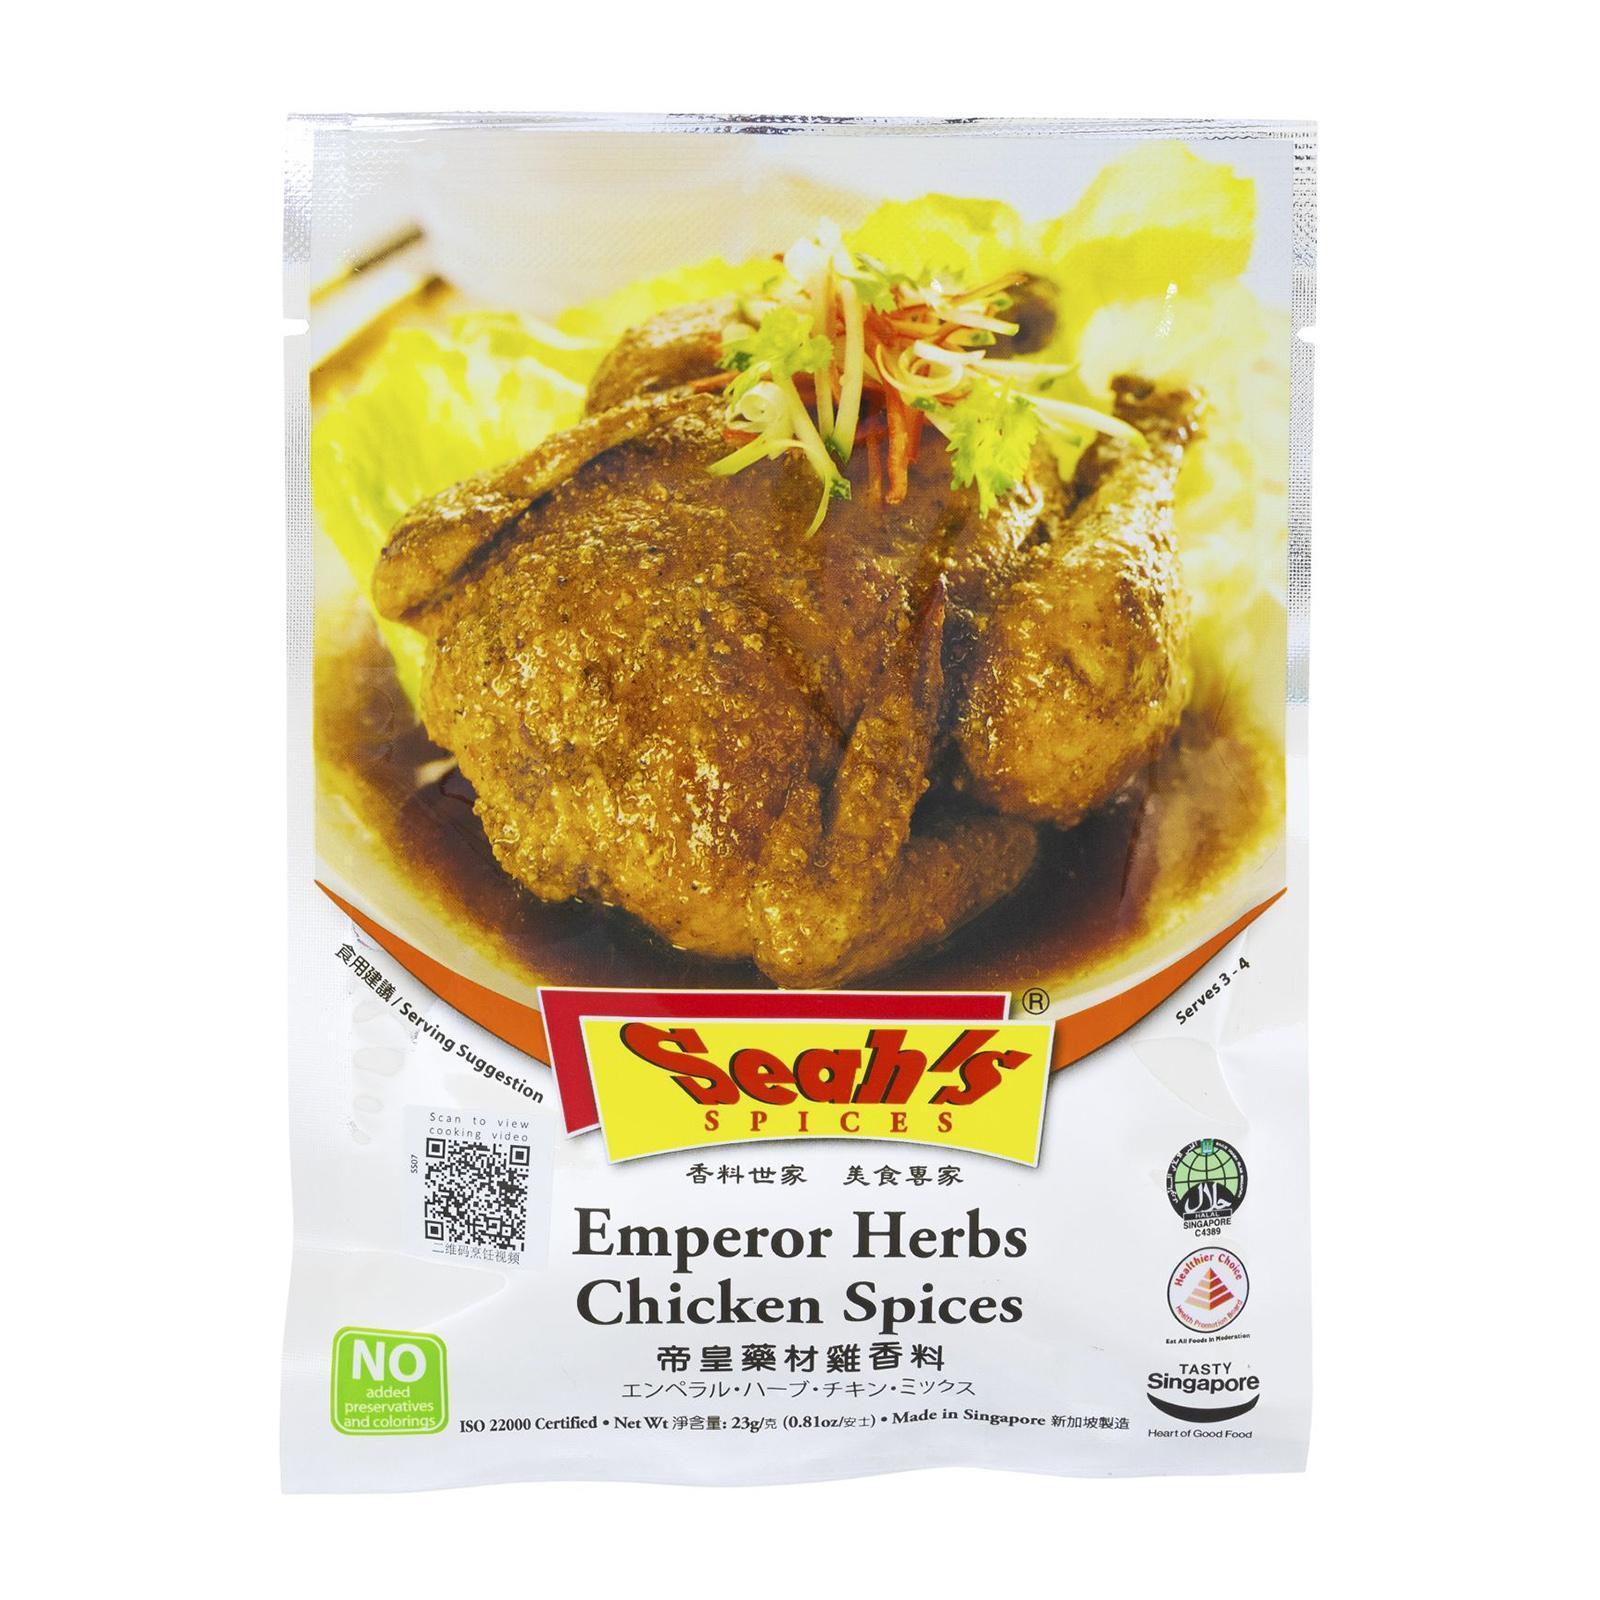 Seah's Spices Sachet - Emperor Herbs Chicken